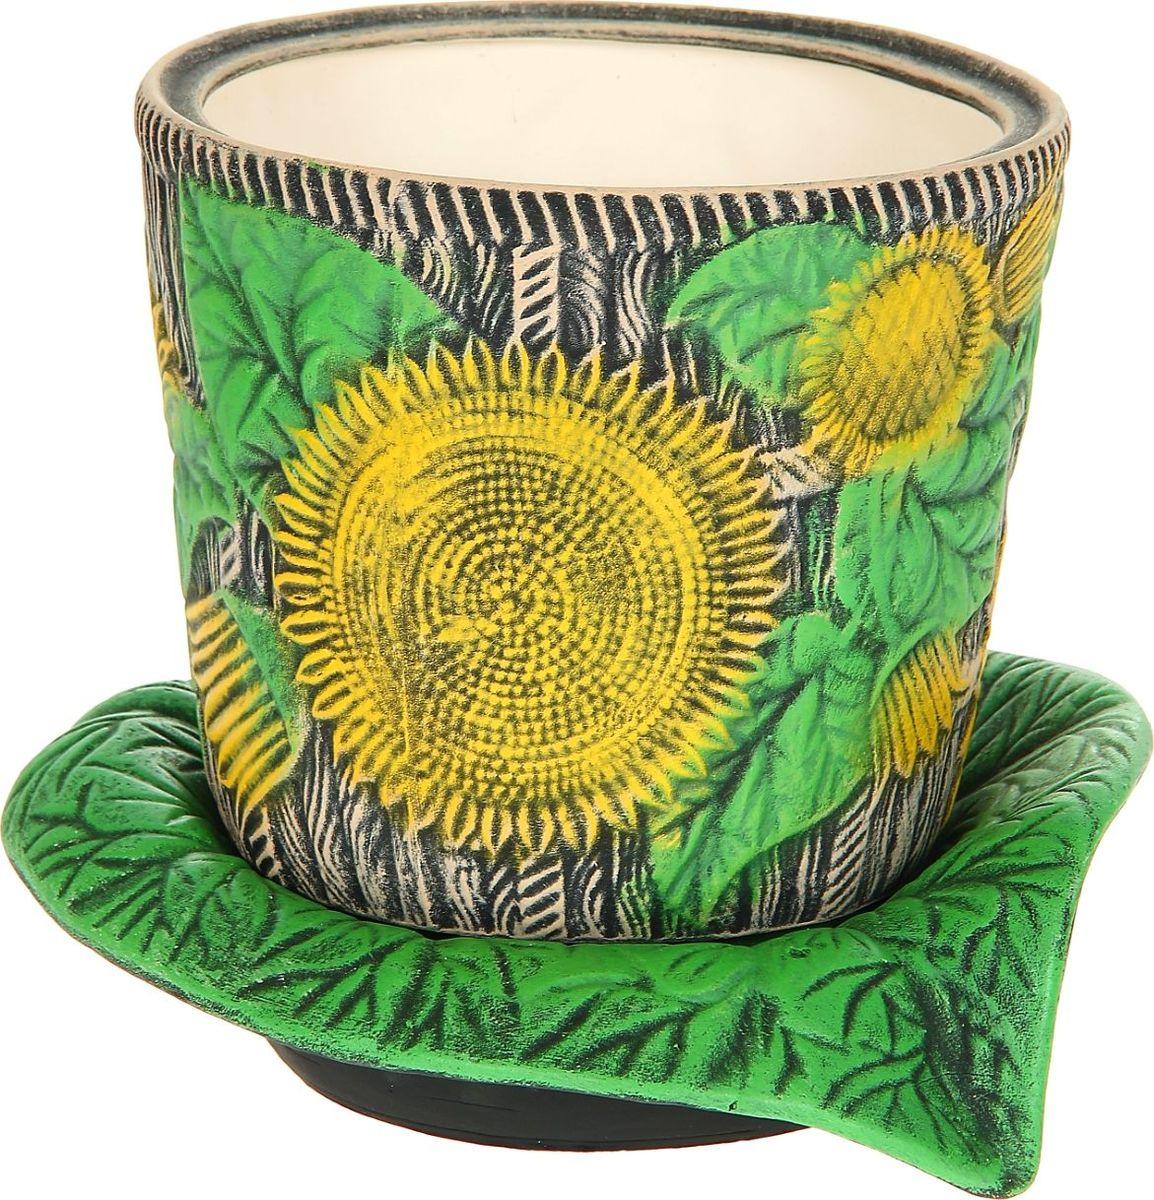 Кашпо Керамика ручной работы Подсолнух, 3,5 л1114298Комнатные растения — всеобщие любимцы. Они радуют глаз, насыщают помещение кислородом и украшают пространство. Каждому из них необходим свой удобный и красивый дом. Кашпо из керамики прекрасно подходят для высадки растений: за счёт пластичности глины и разных способов обработки существует великое множество форм и дизайновпористый материал позволяет испаряться лишней влагевоздух, необходимый для дыхания корней, проникает сквозь керамические стенки! #name# позаботится о зелёном питомце, освежит интерьер и подчеркнёт его стиль.